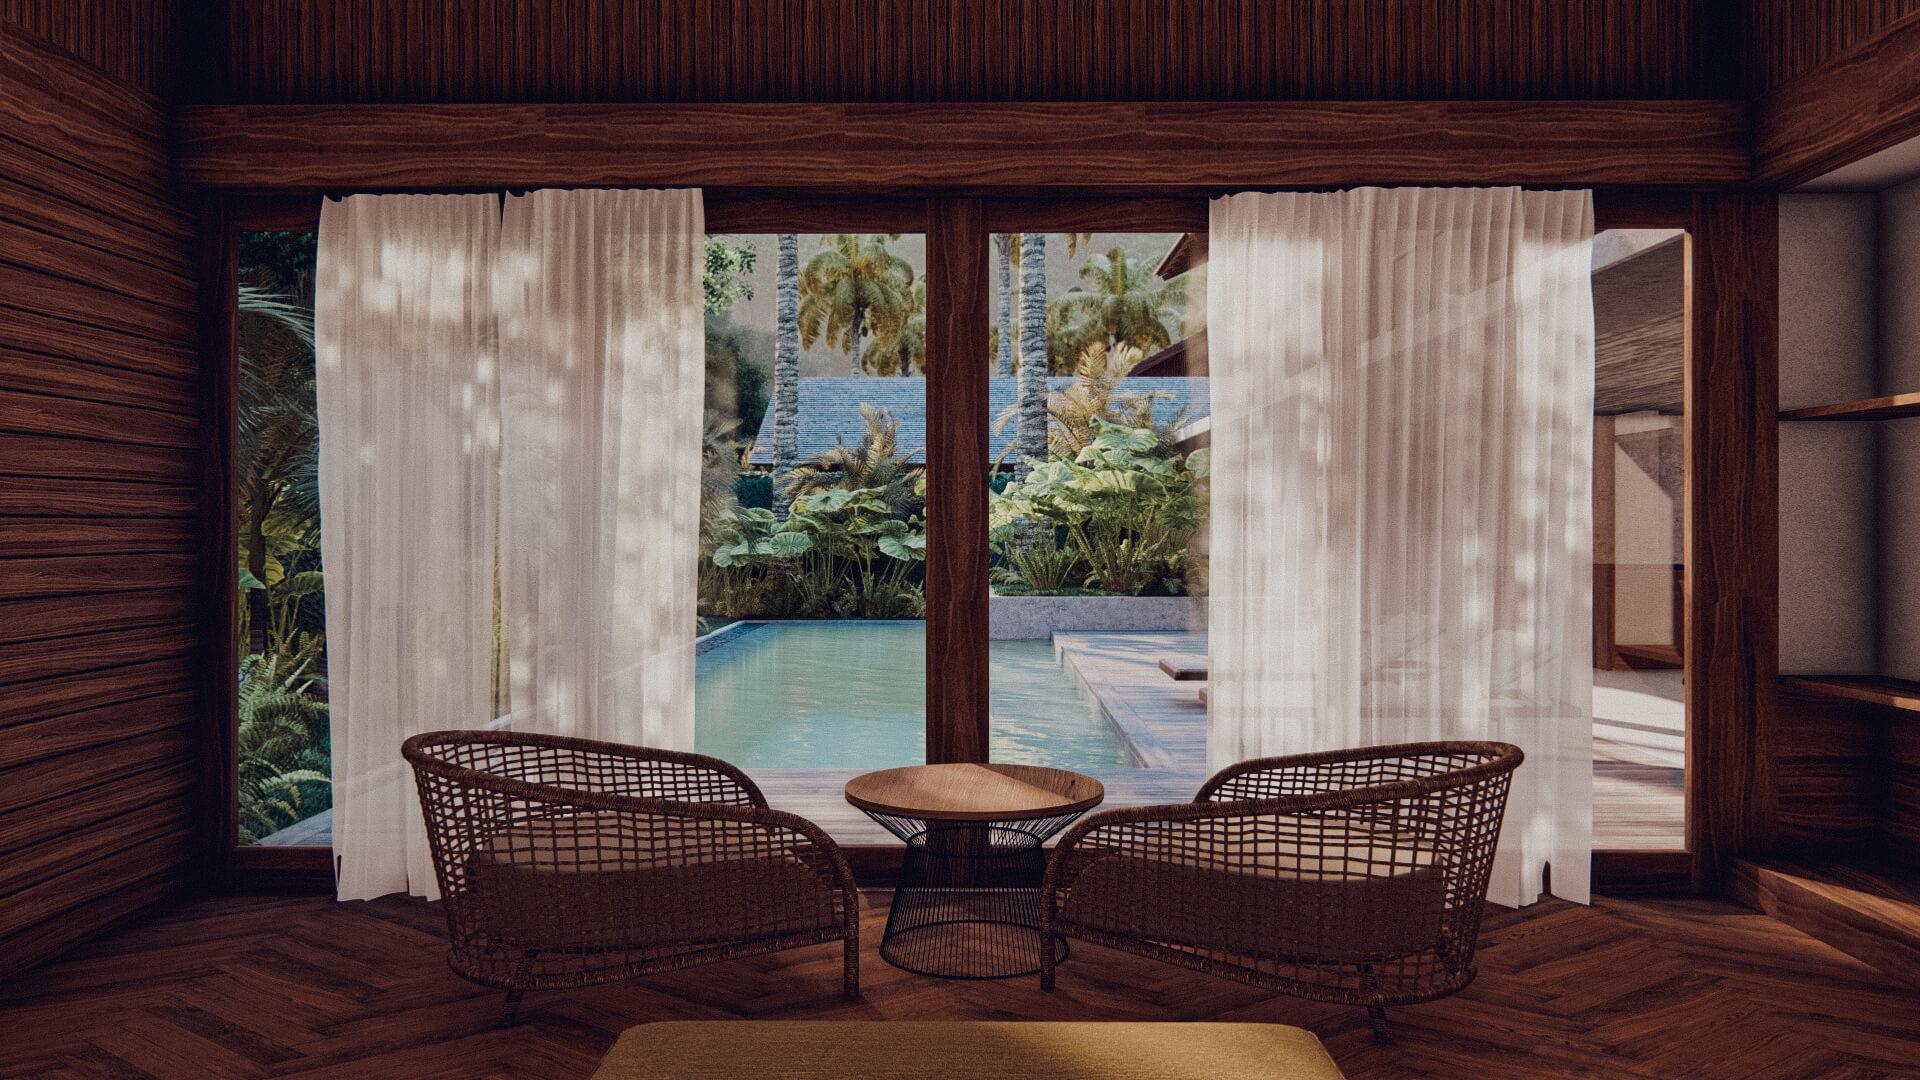 Resort Hotel 2 bedroom Villa Lombok Bali Architect 01